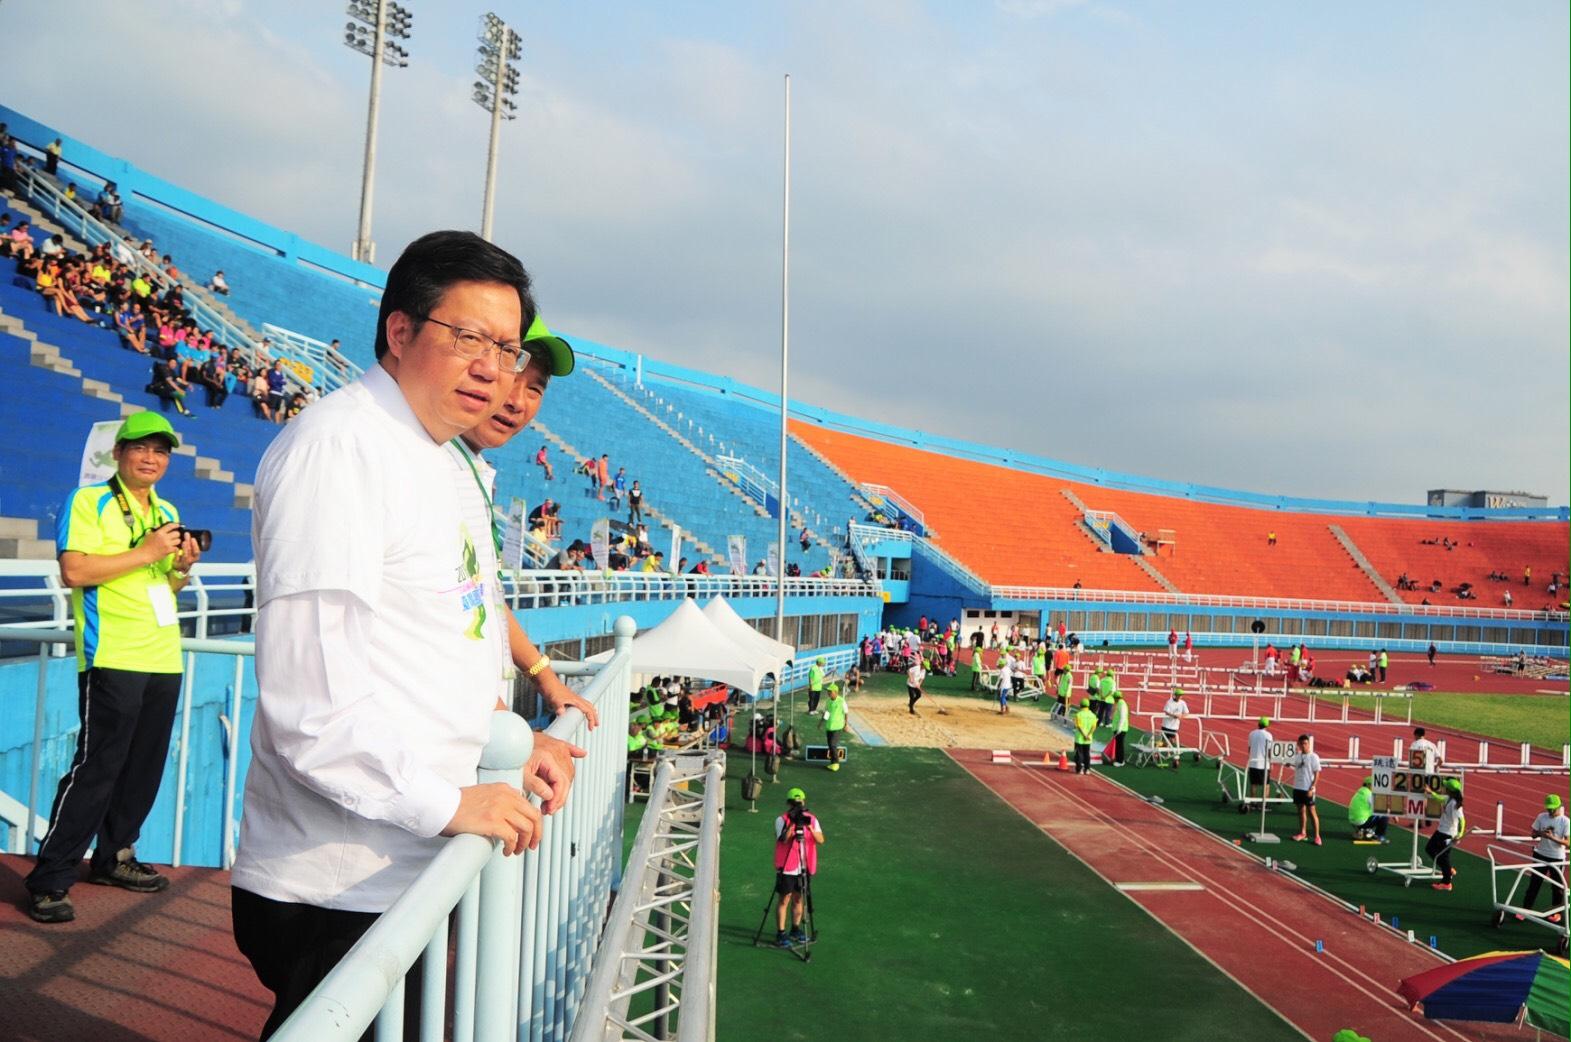 2016 Taiwan Athletics Open - Mayor Chen...